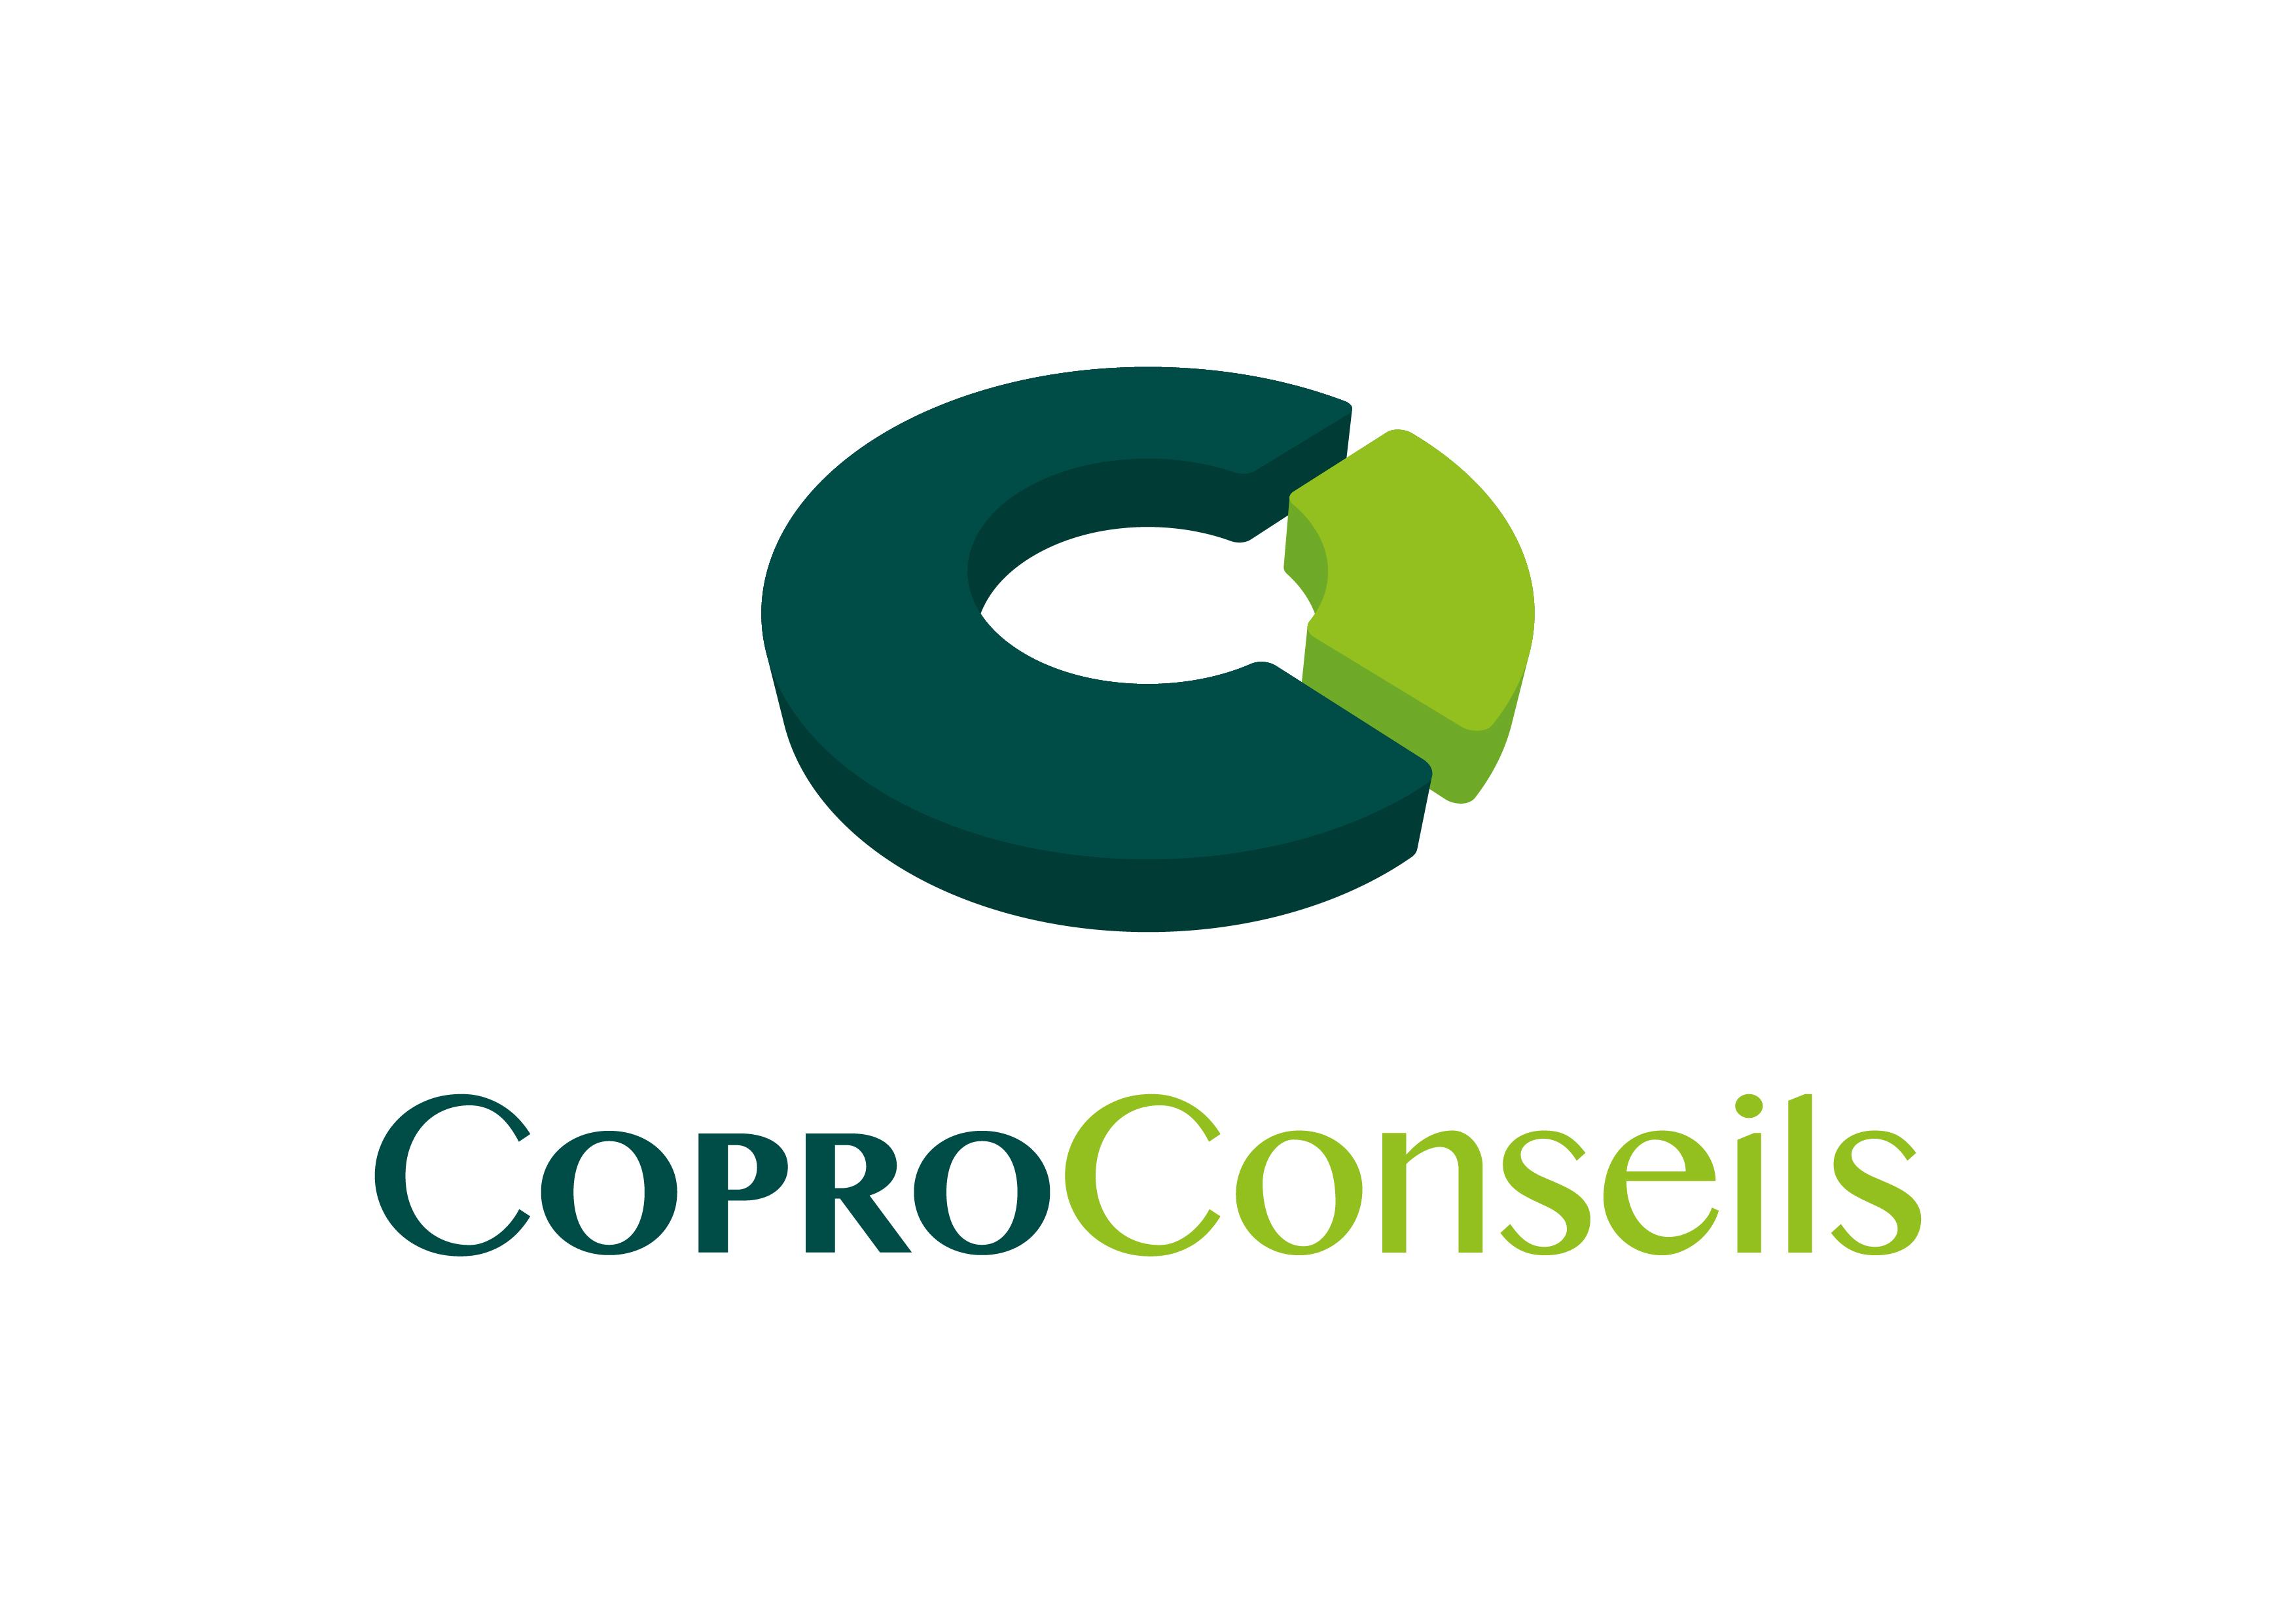 CoproConseils spécialiste de la défense des copropriétaires